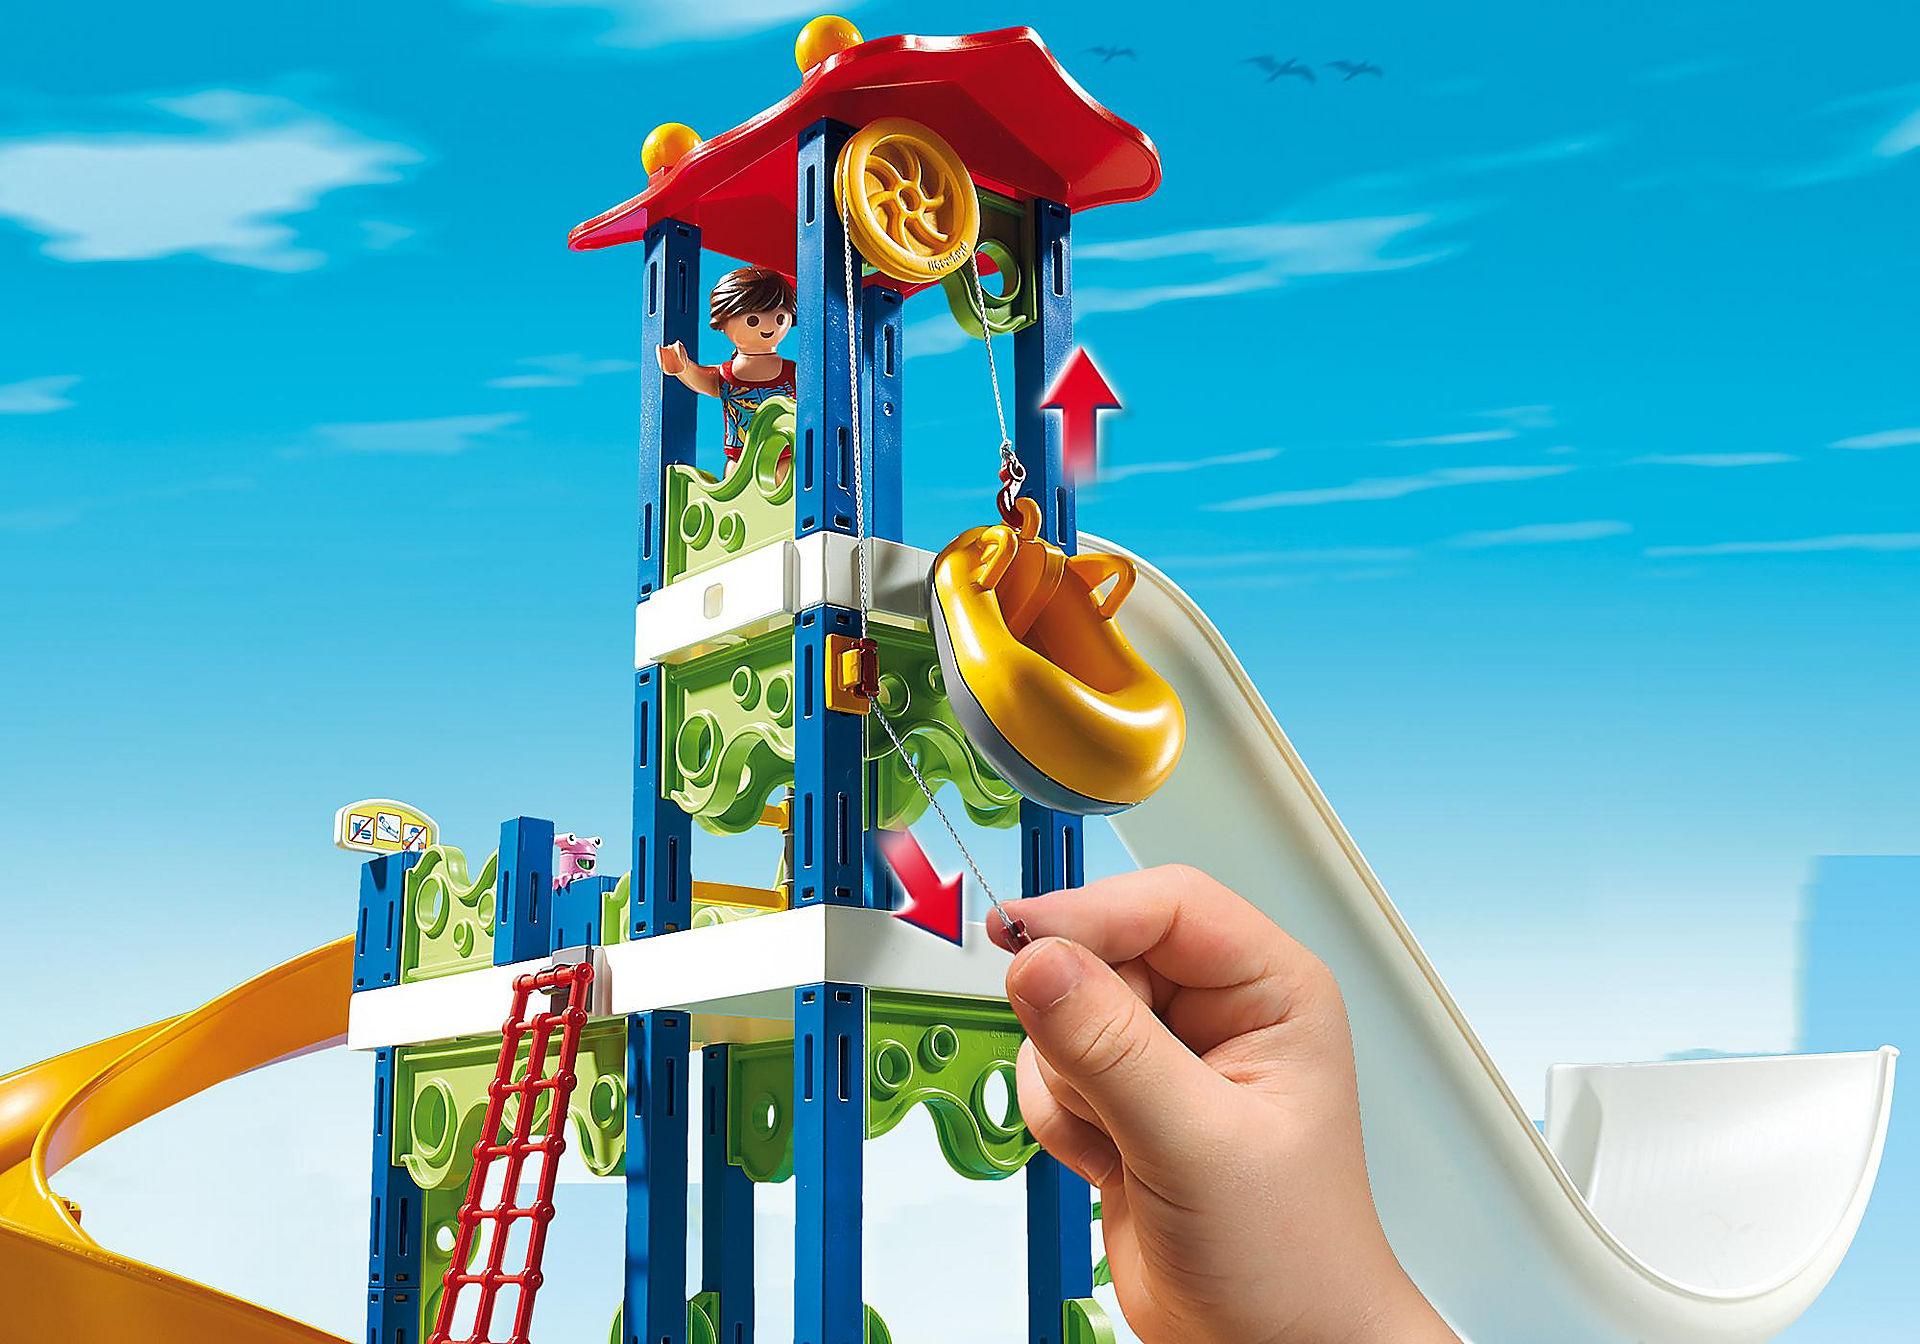 6669 Torre degli scivoli con piscina zoom image5